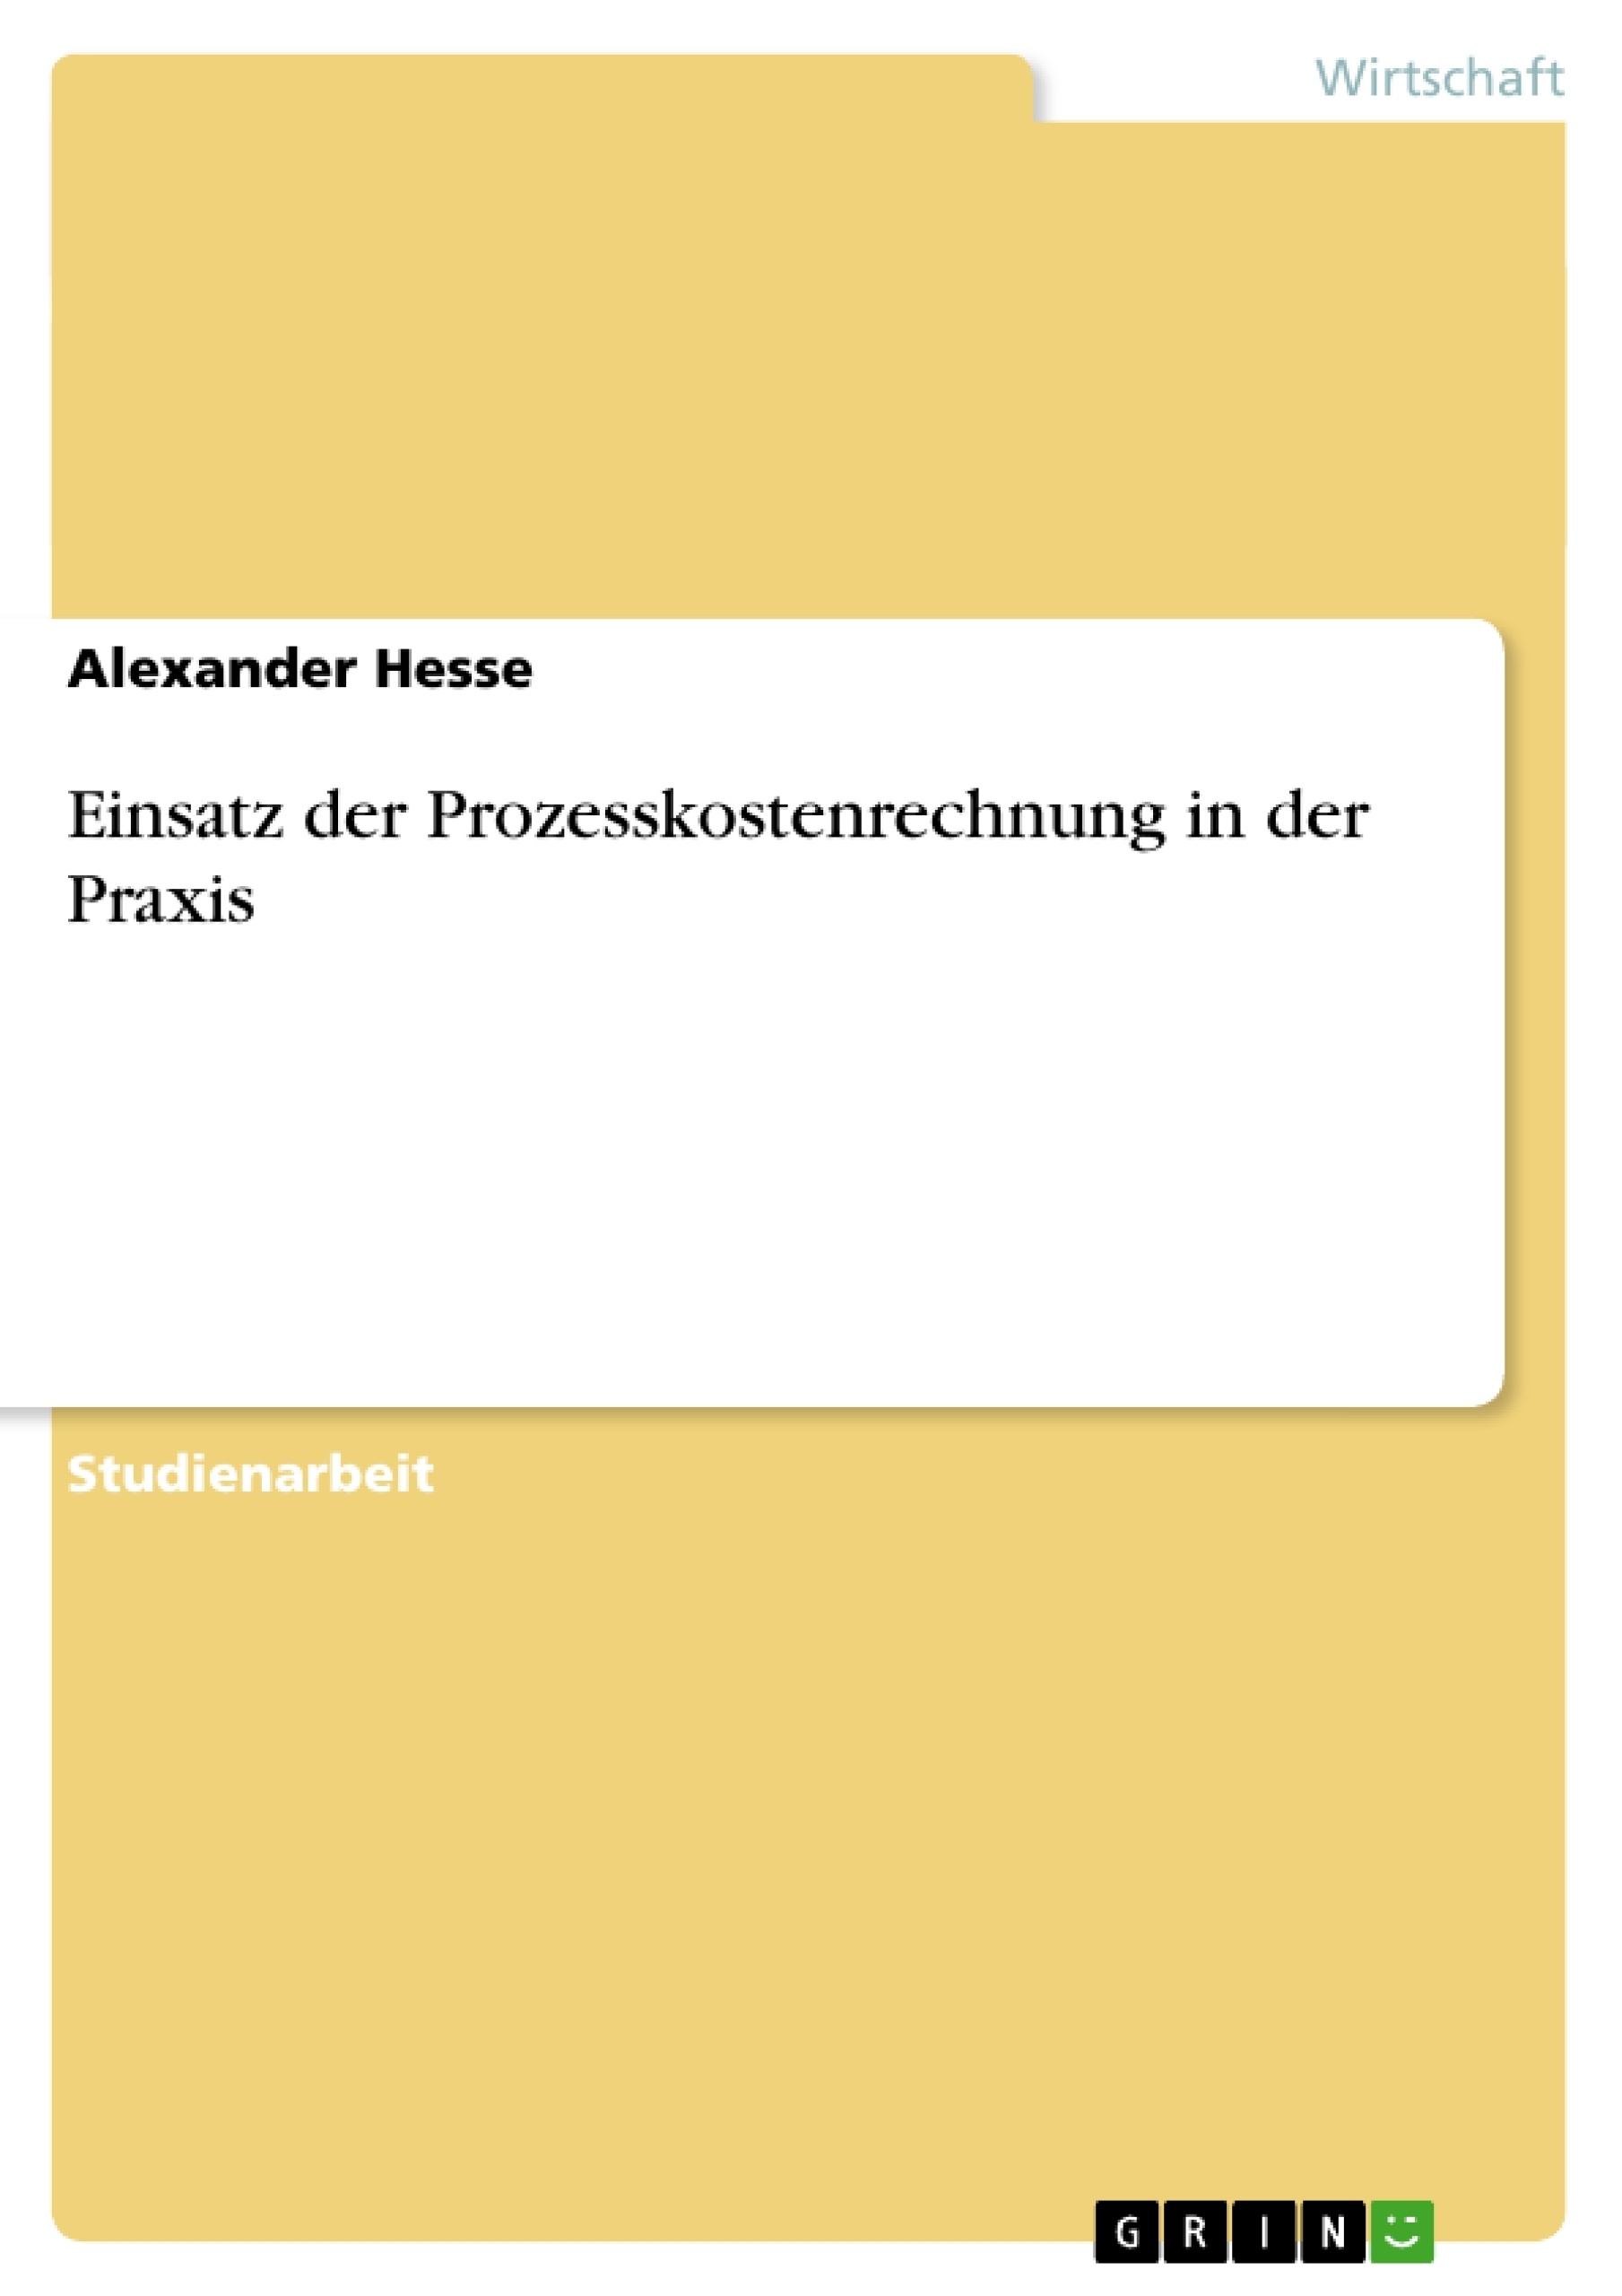 Titel: Einsatz der Prozesskostenrechnung in der Praxis